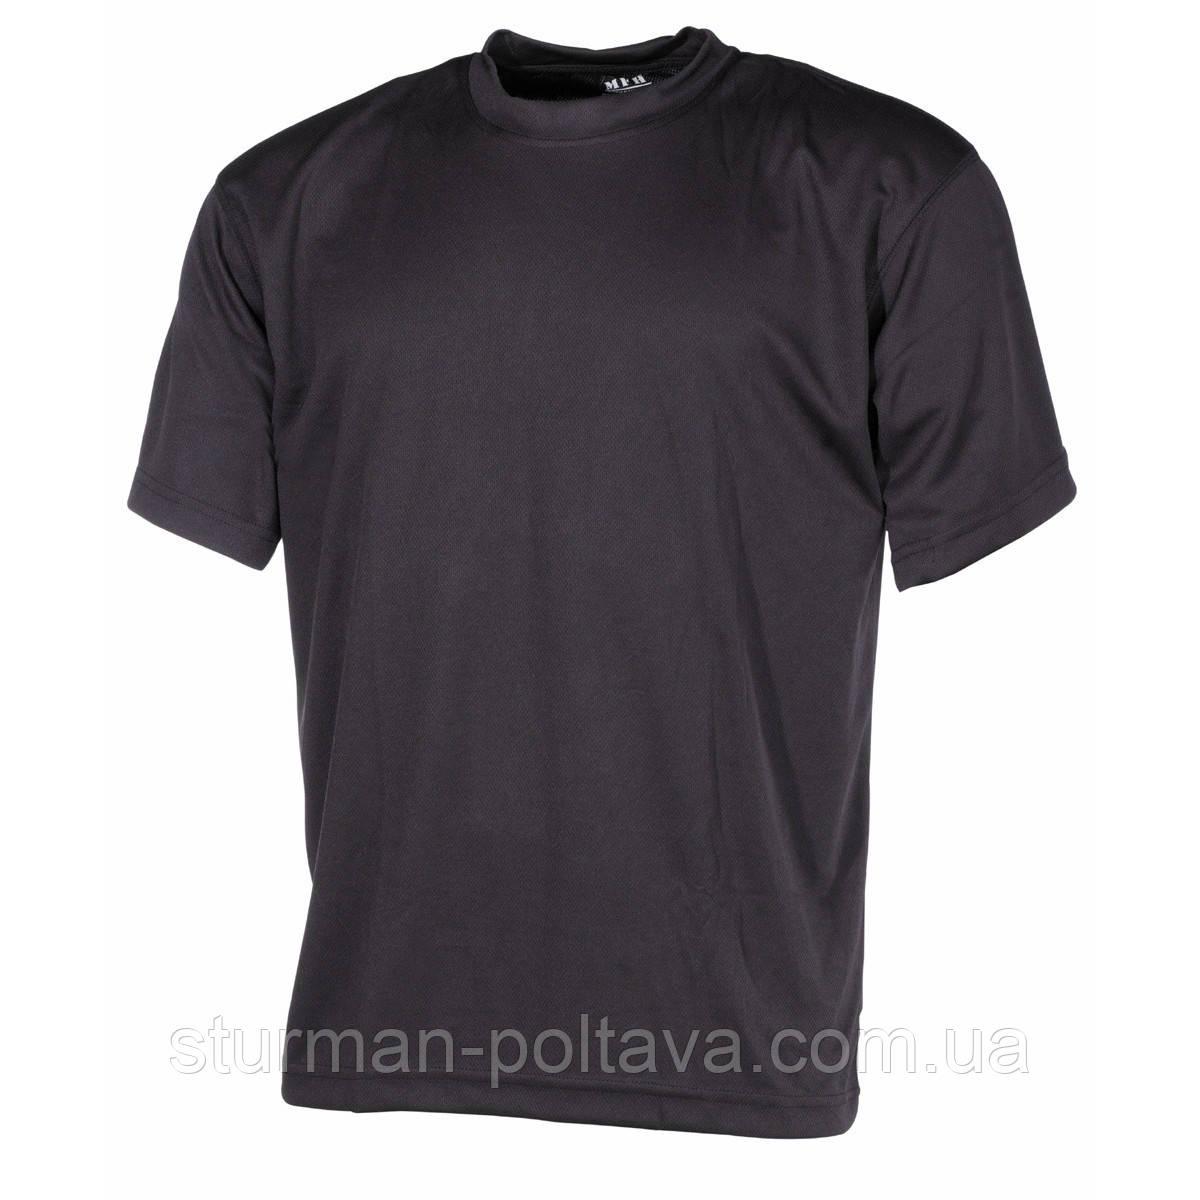 Футболка мужская  потовыводящая цвет чёрный   полиестер  MFH  Германия